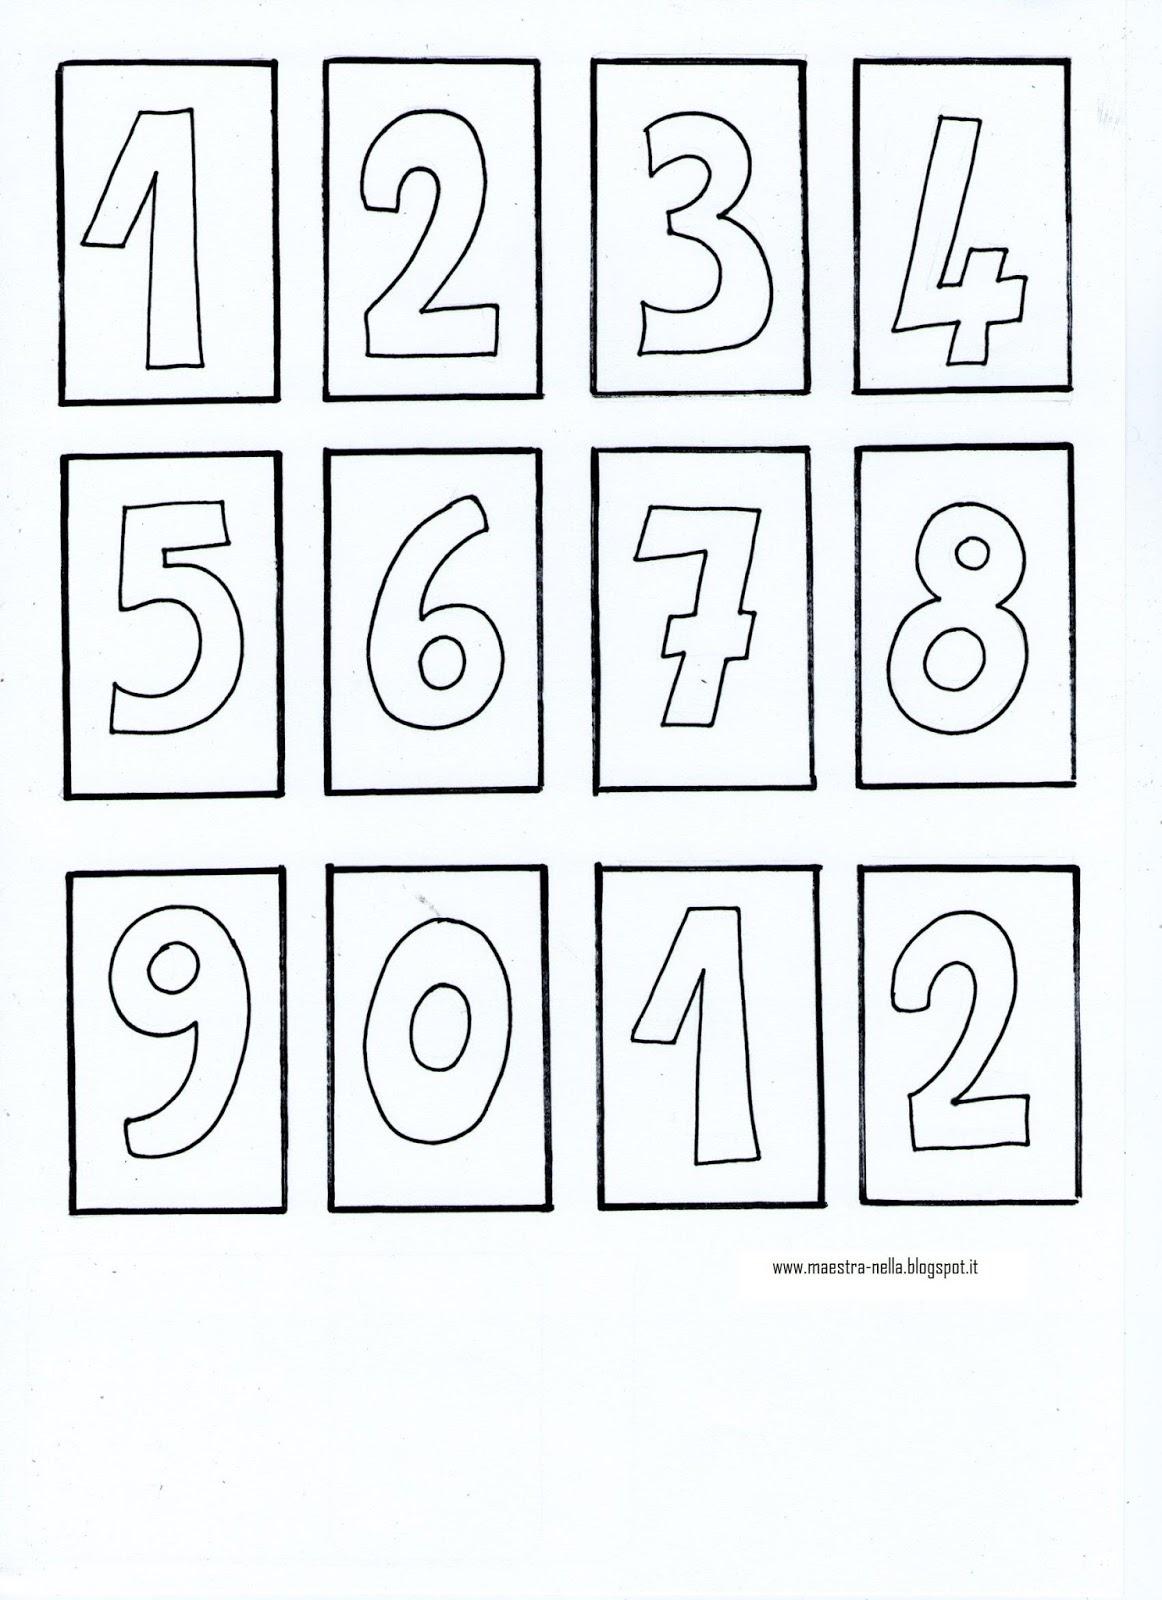 Numeri da stampare e colorare jl56 pineglen - Colore per numeri per i bambini ...